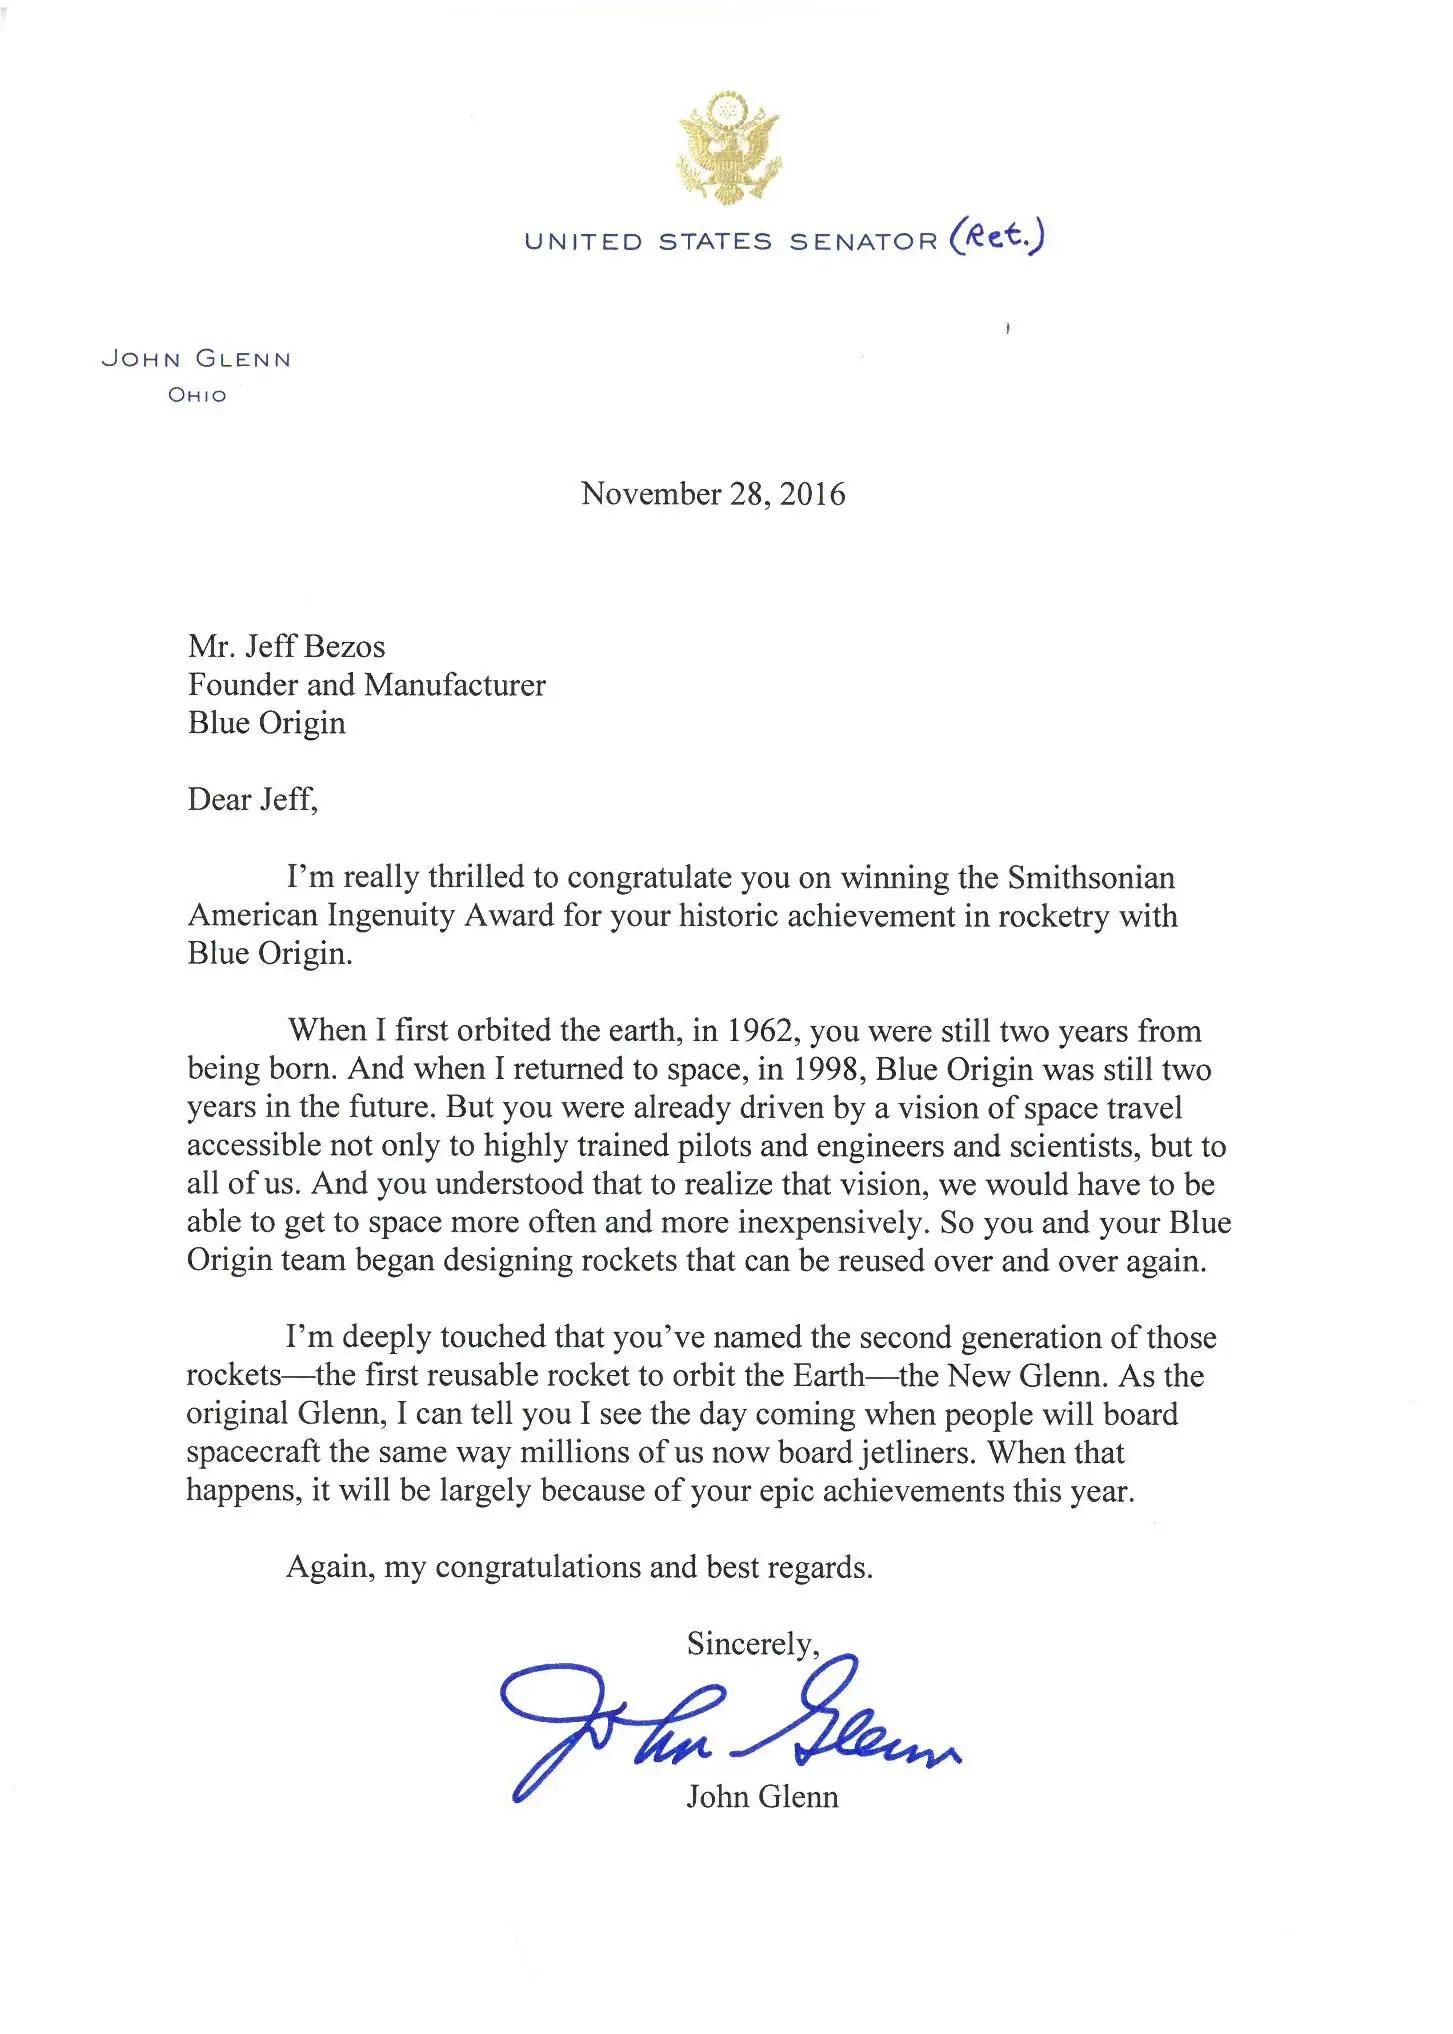 John Glenn Wrote Jeff Bezos A Beautiful Letter That He